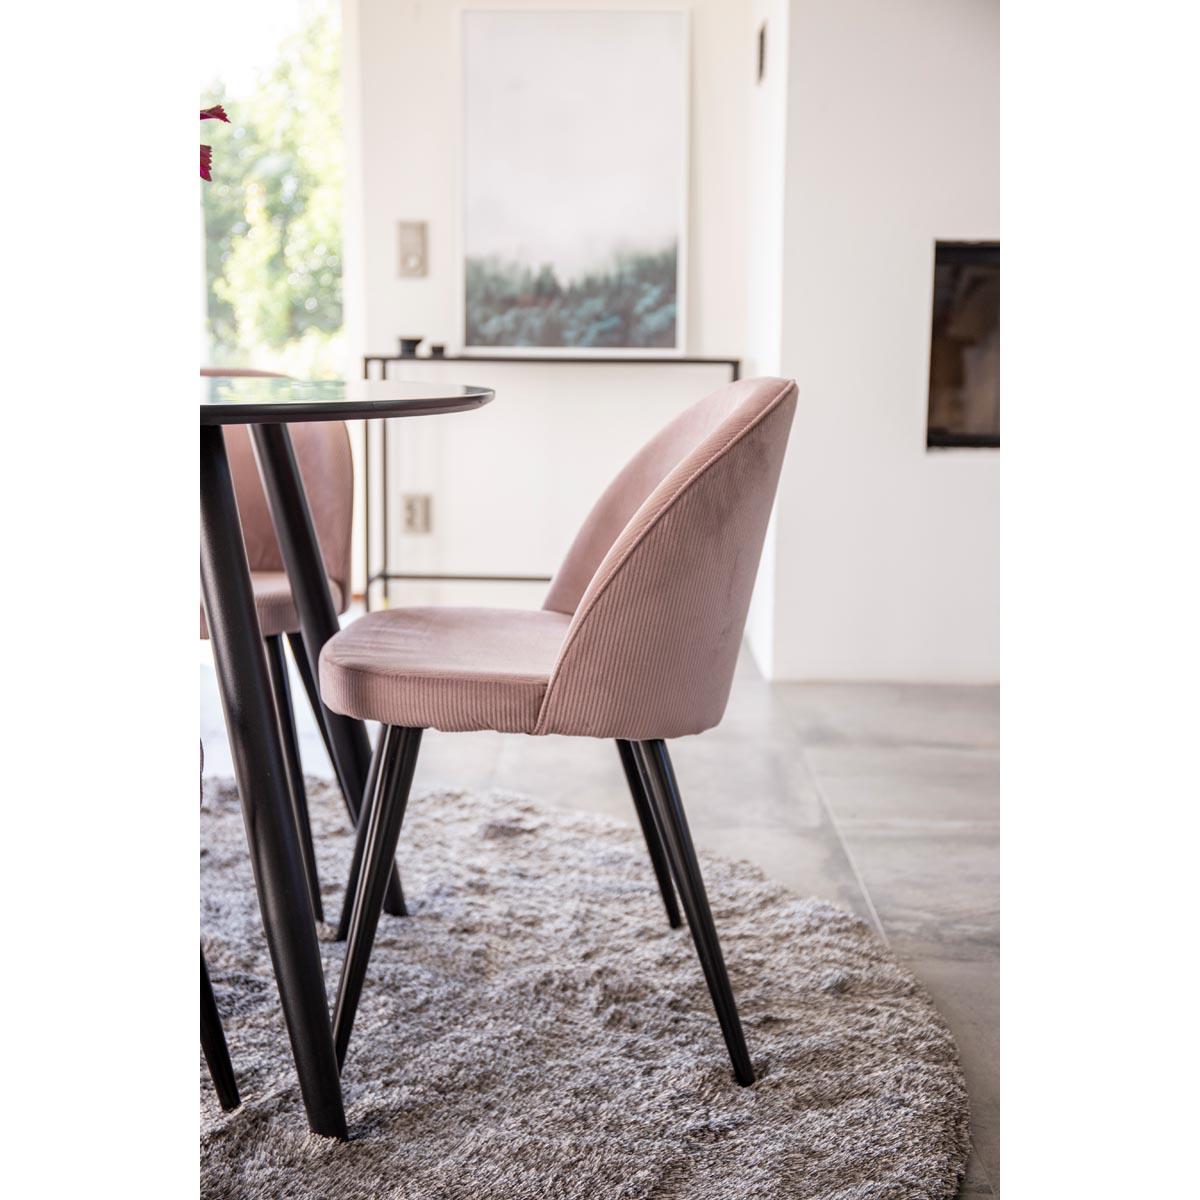 velvet-rosa-manchester-miljo-detalj-19960-999